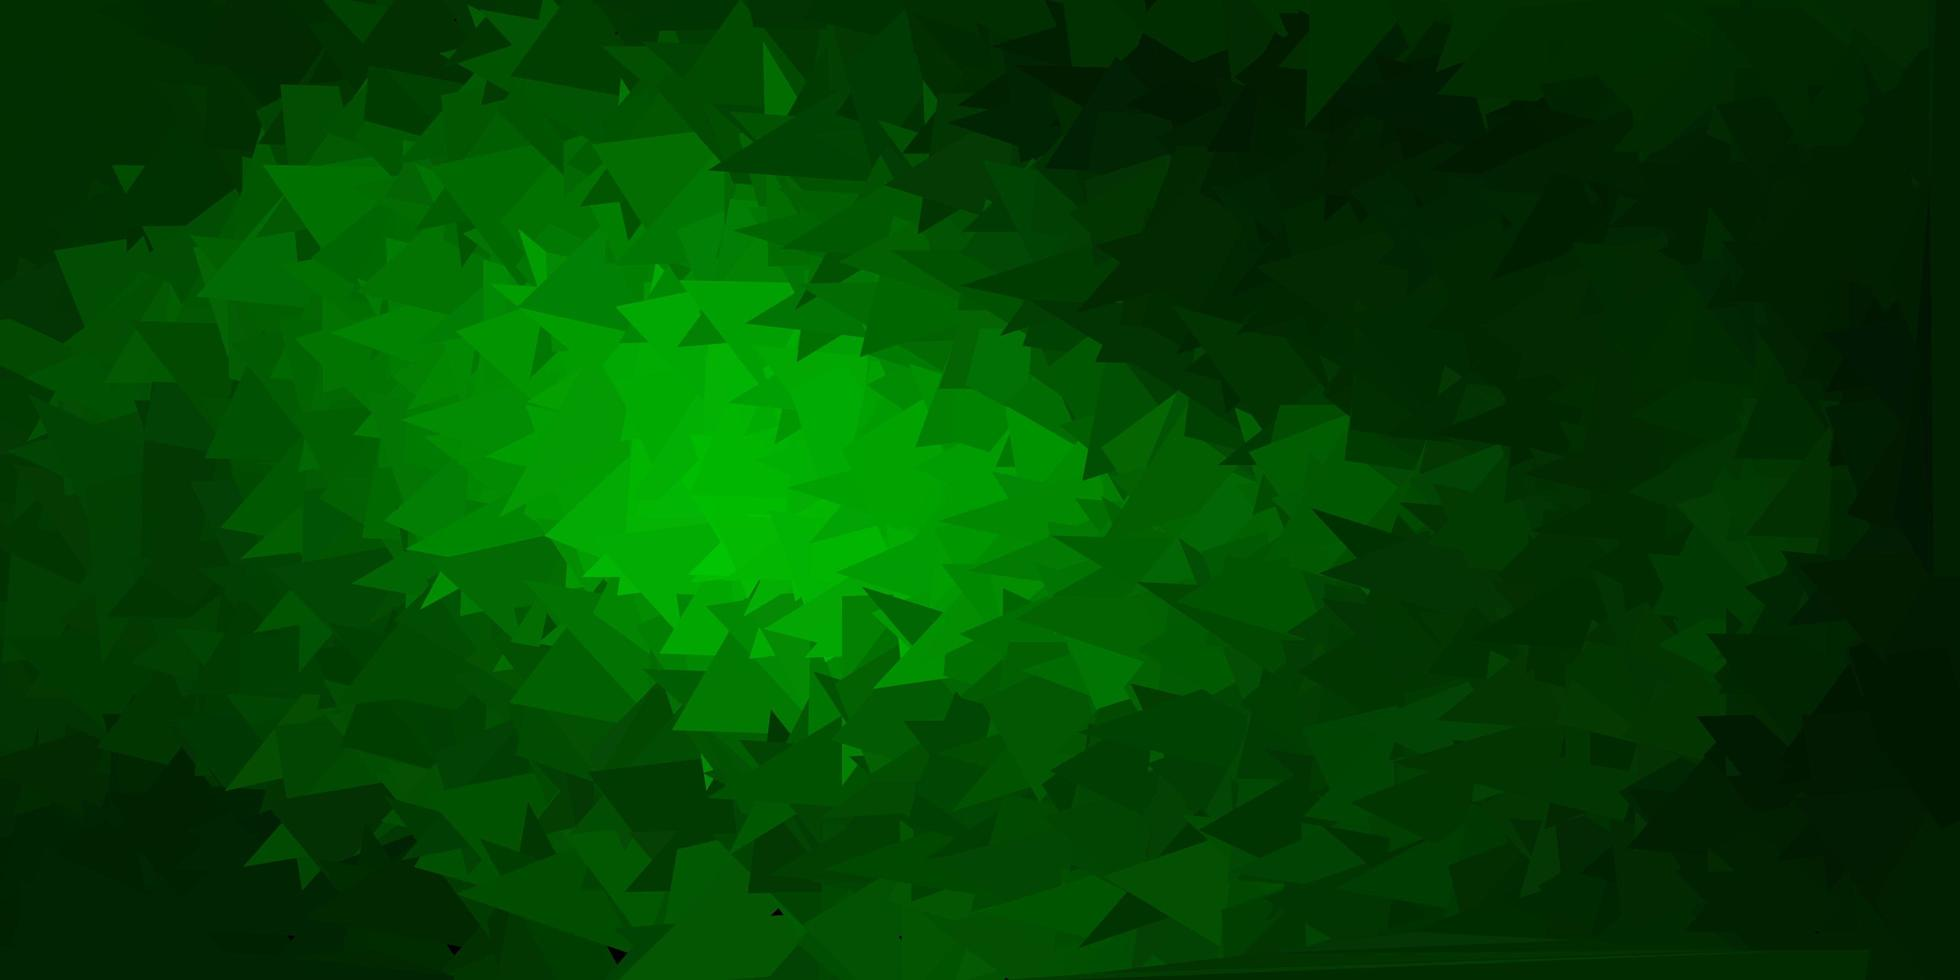 dunkelgrüner Vektor-Gradienten-Polygonentwurf. vektor